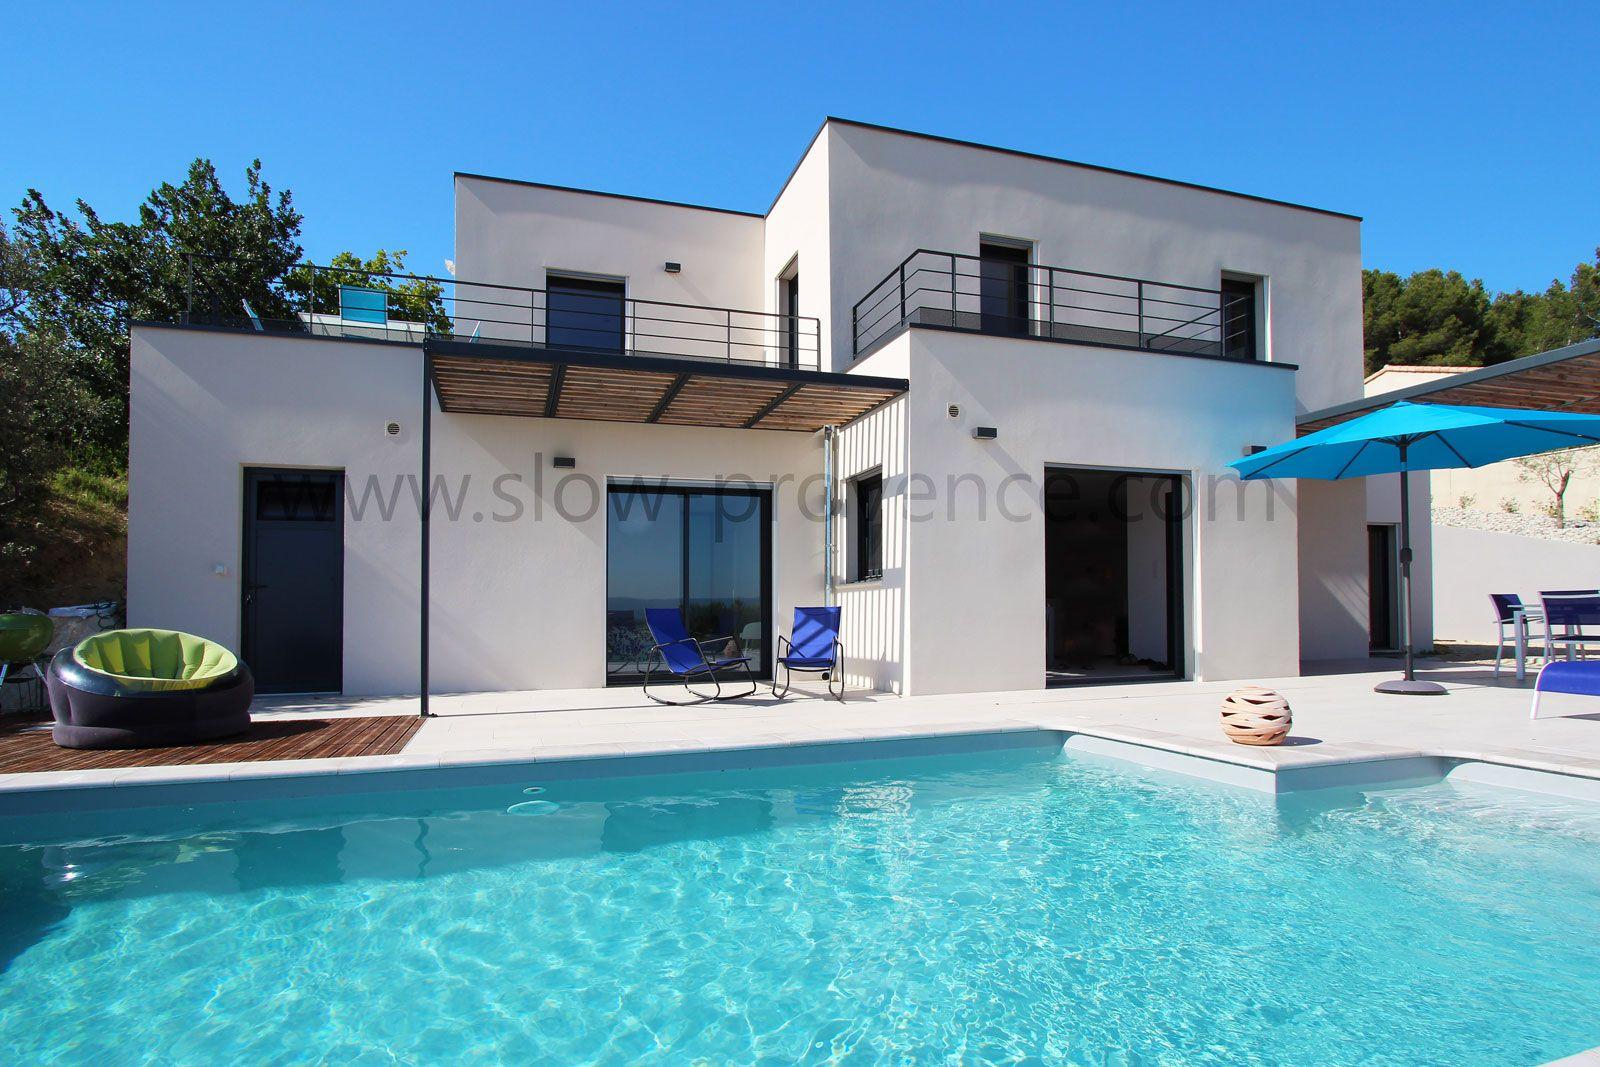 Villa contemporaine climatisée à louer, avec piscine privée et ...